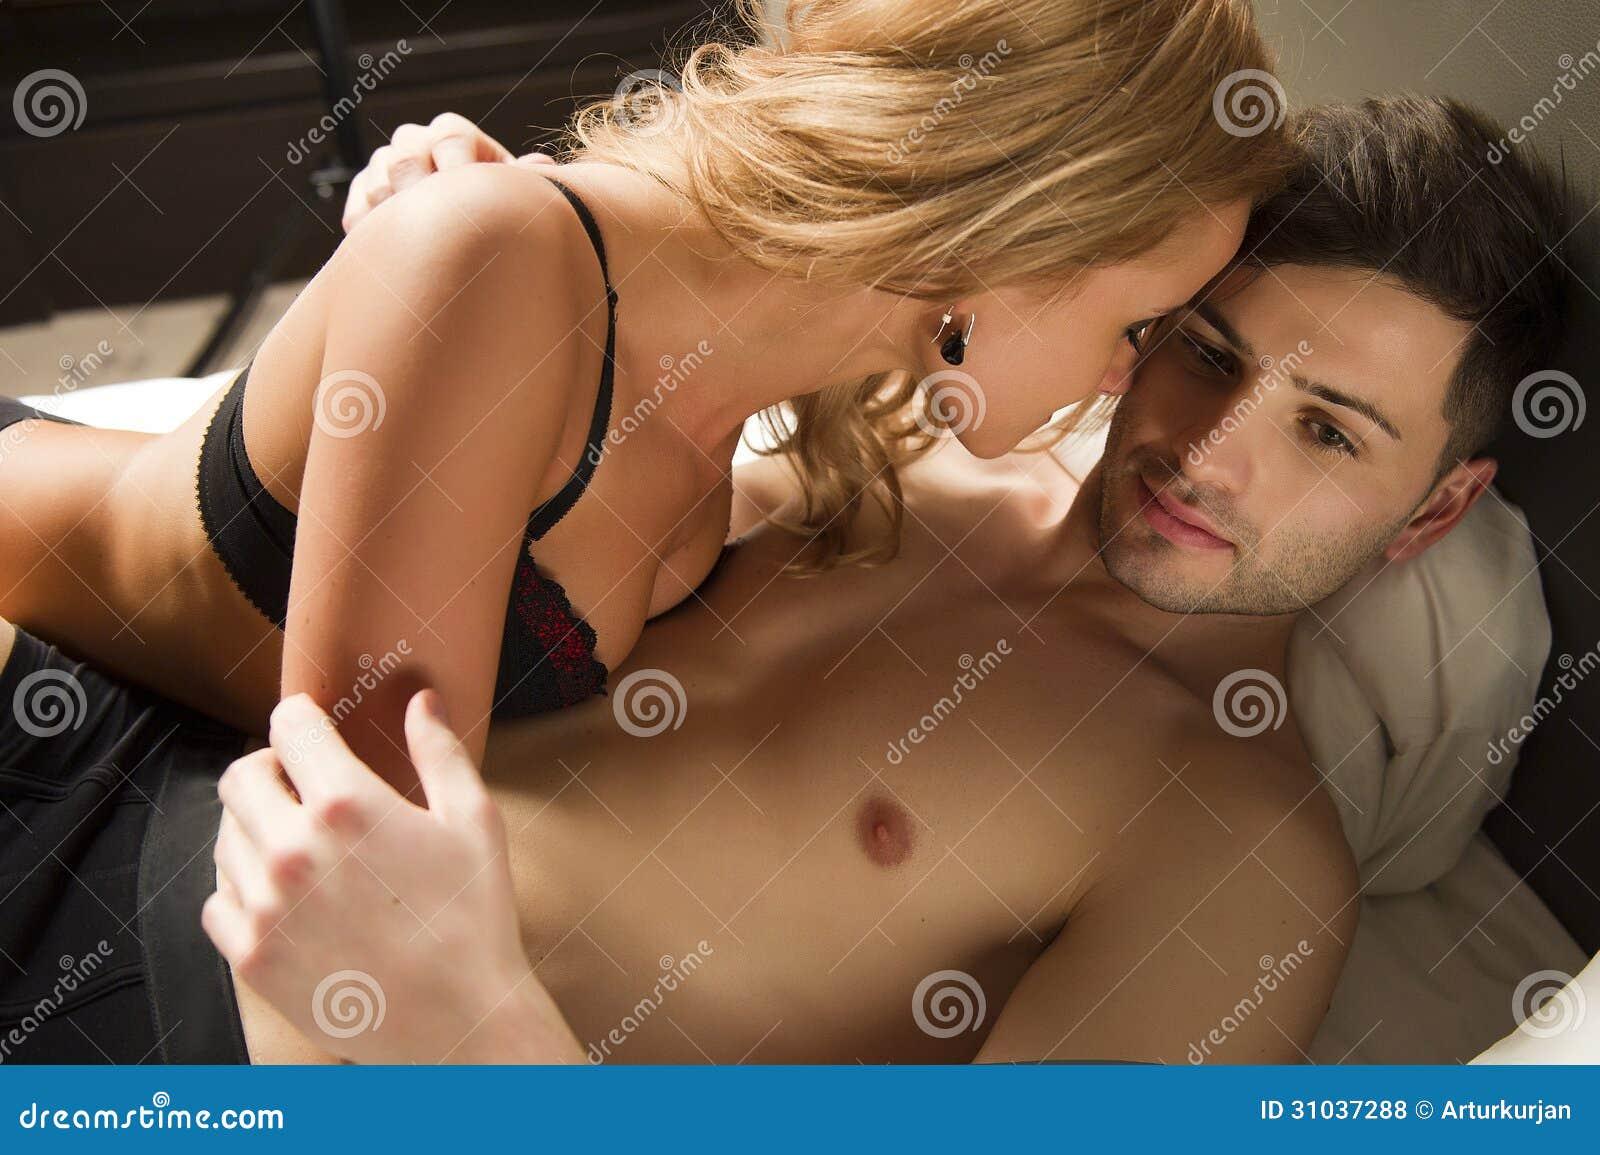 Бесплатные фото секс